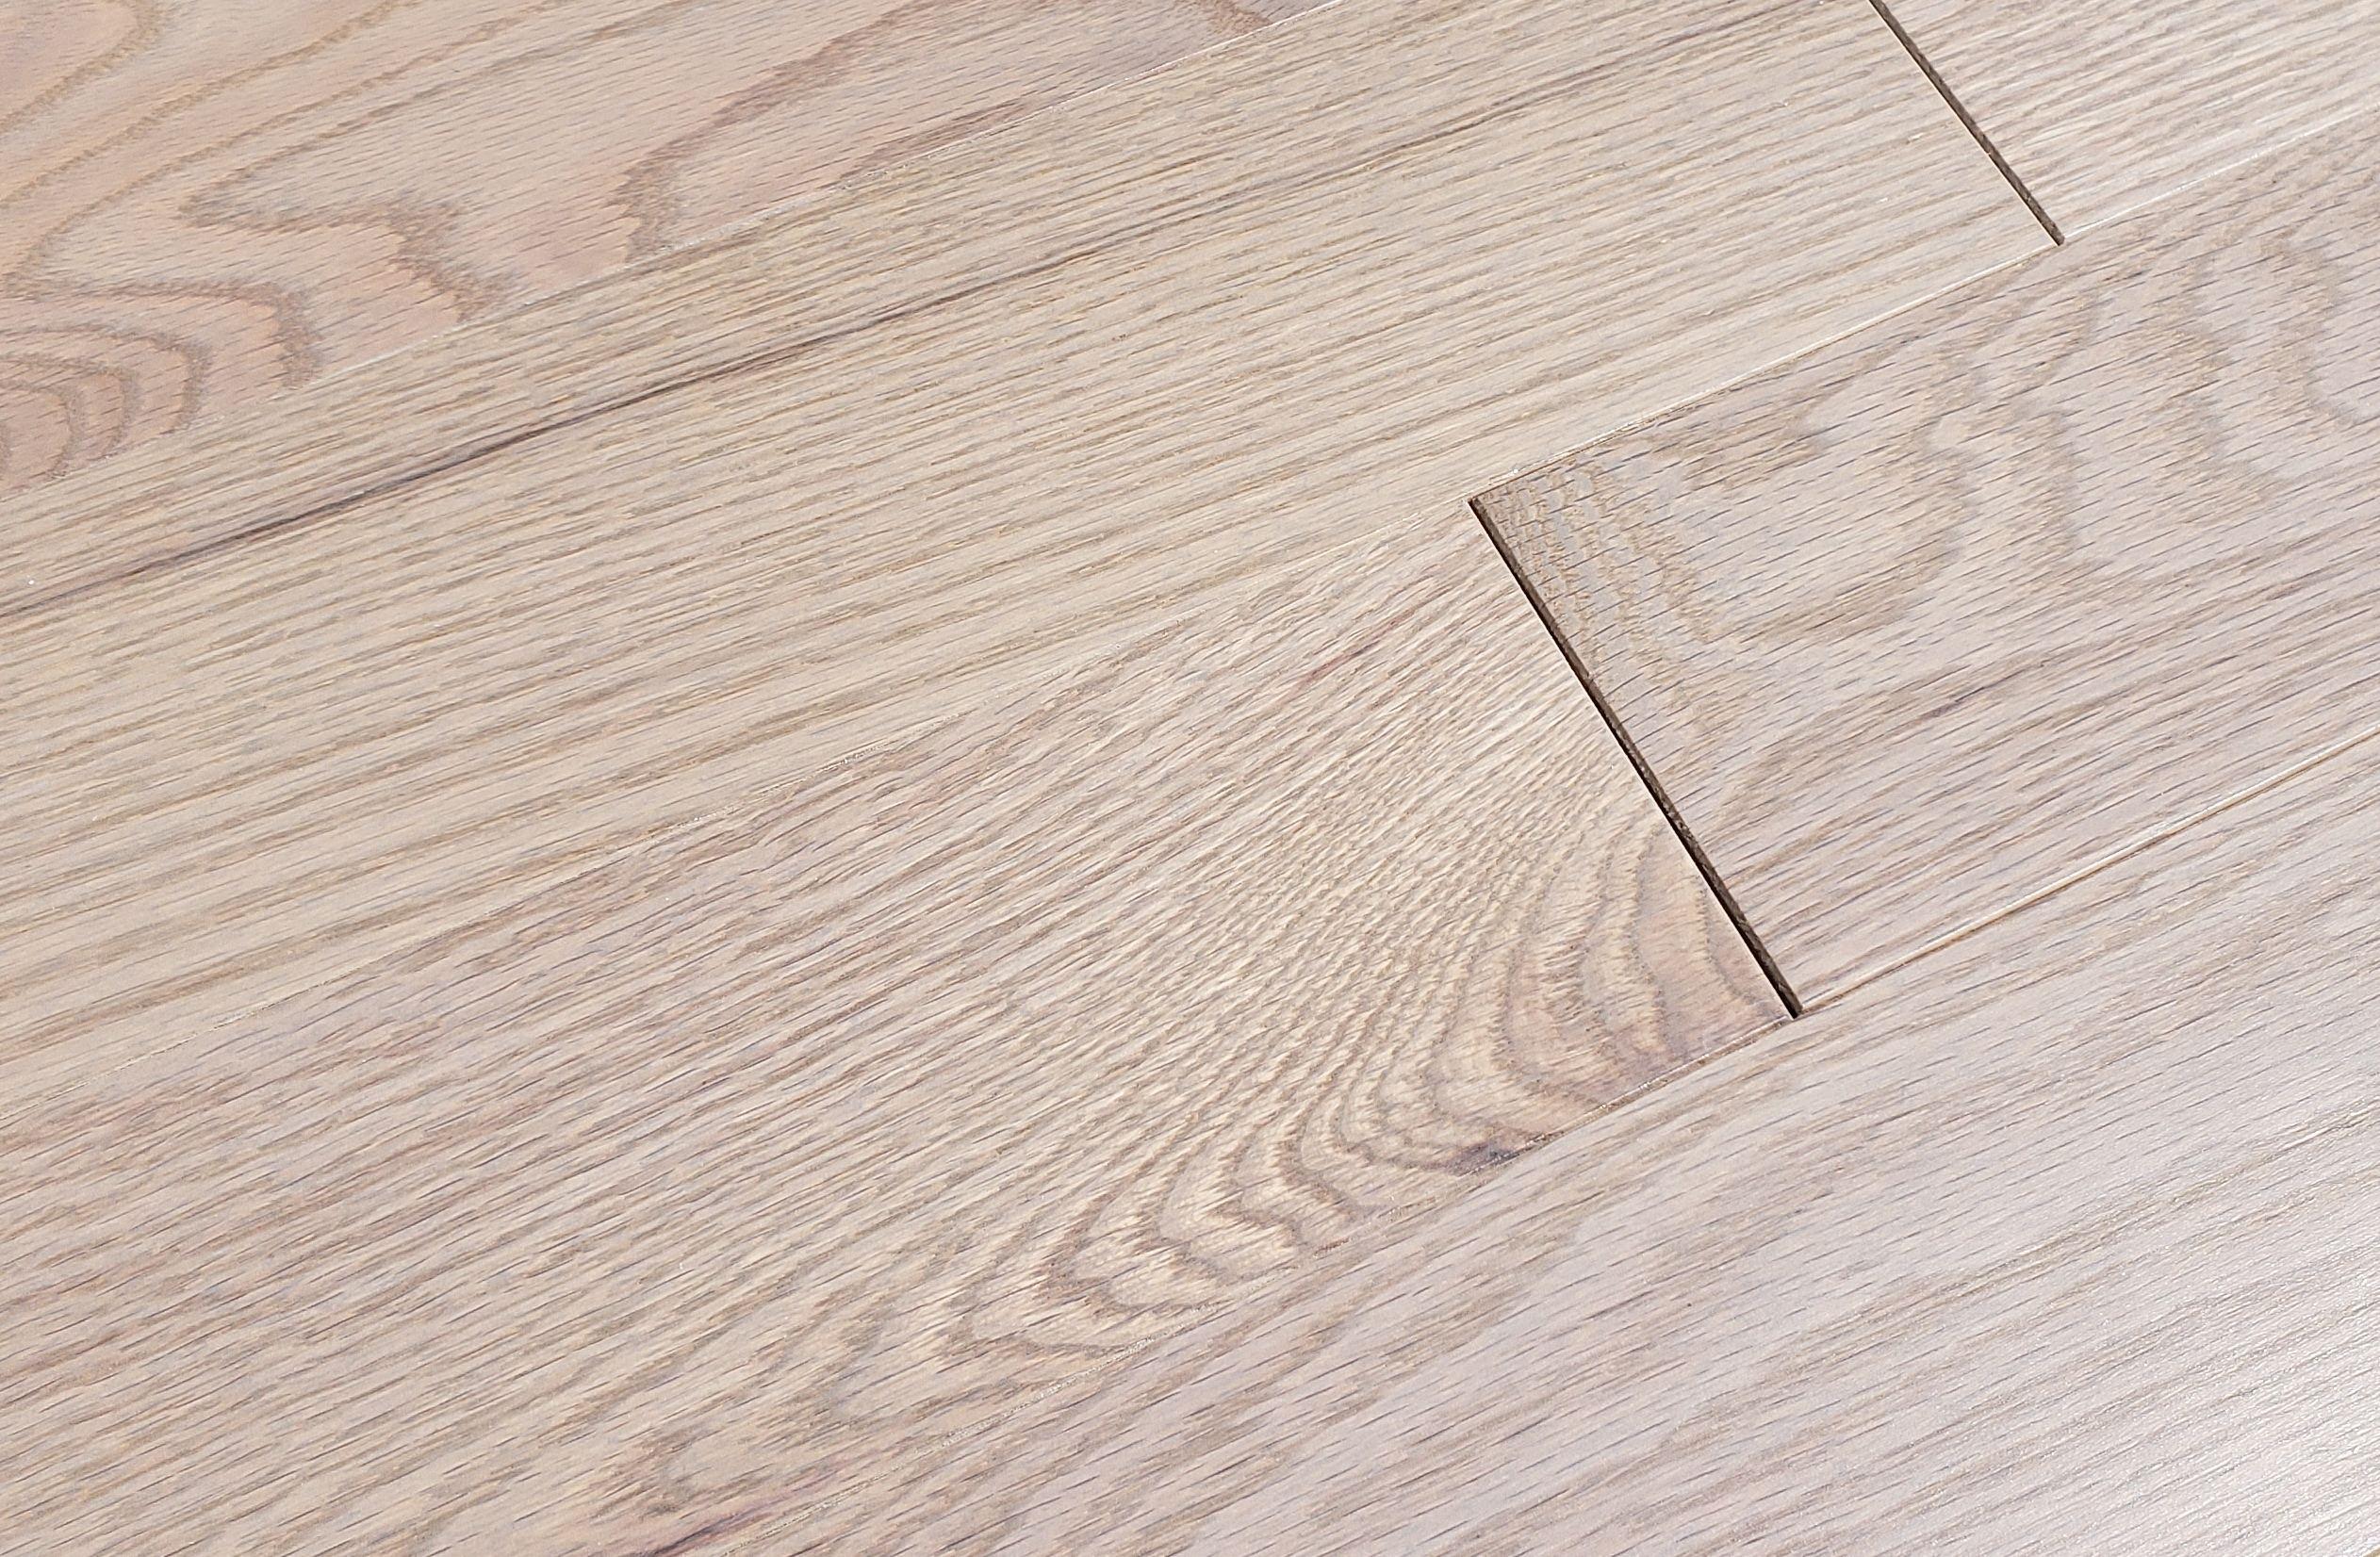 3 1 4 Oak Pro Series Hardwood Flooring Brookline